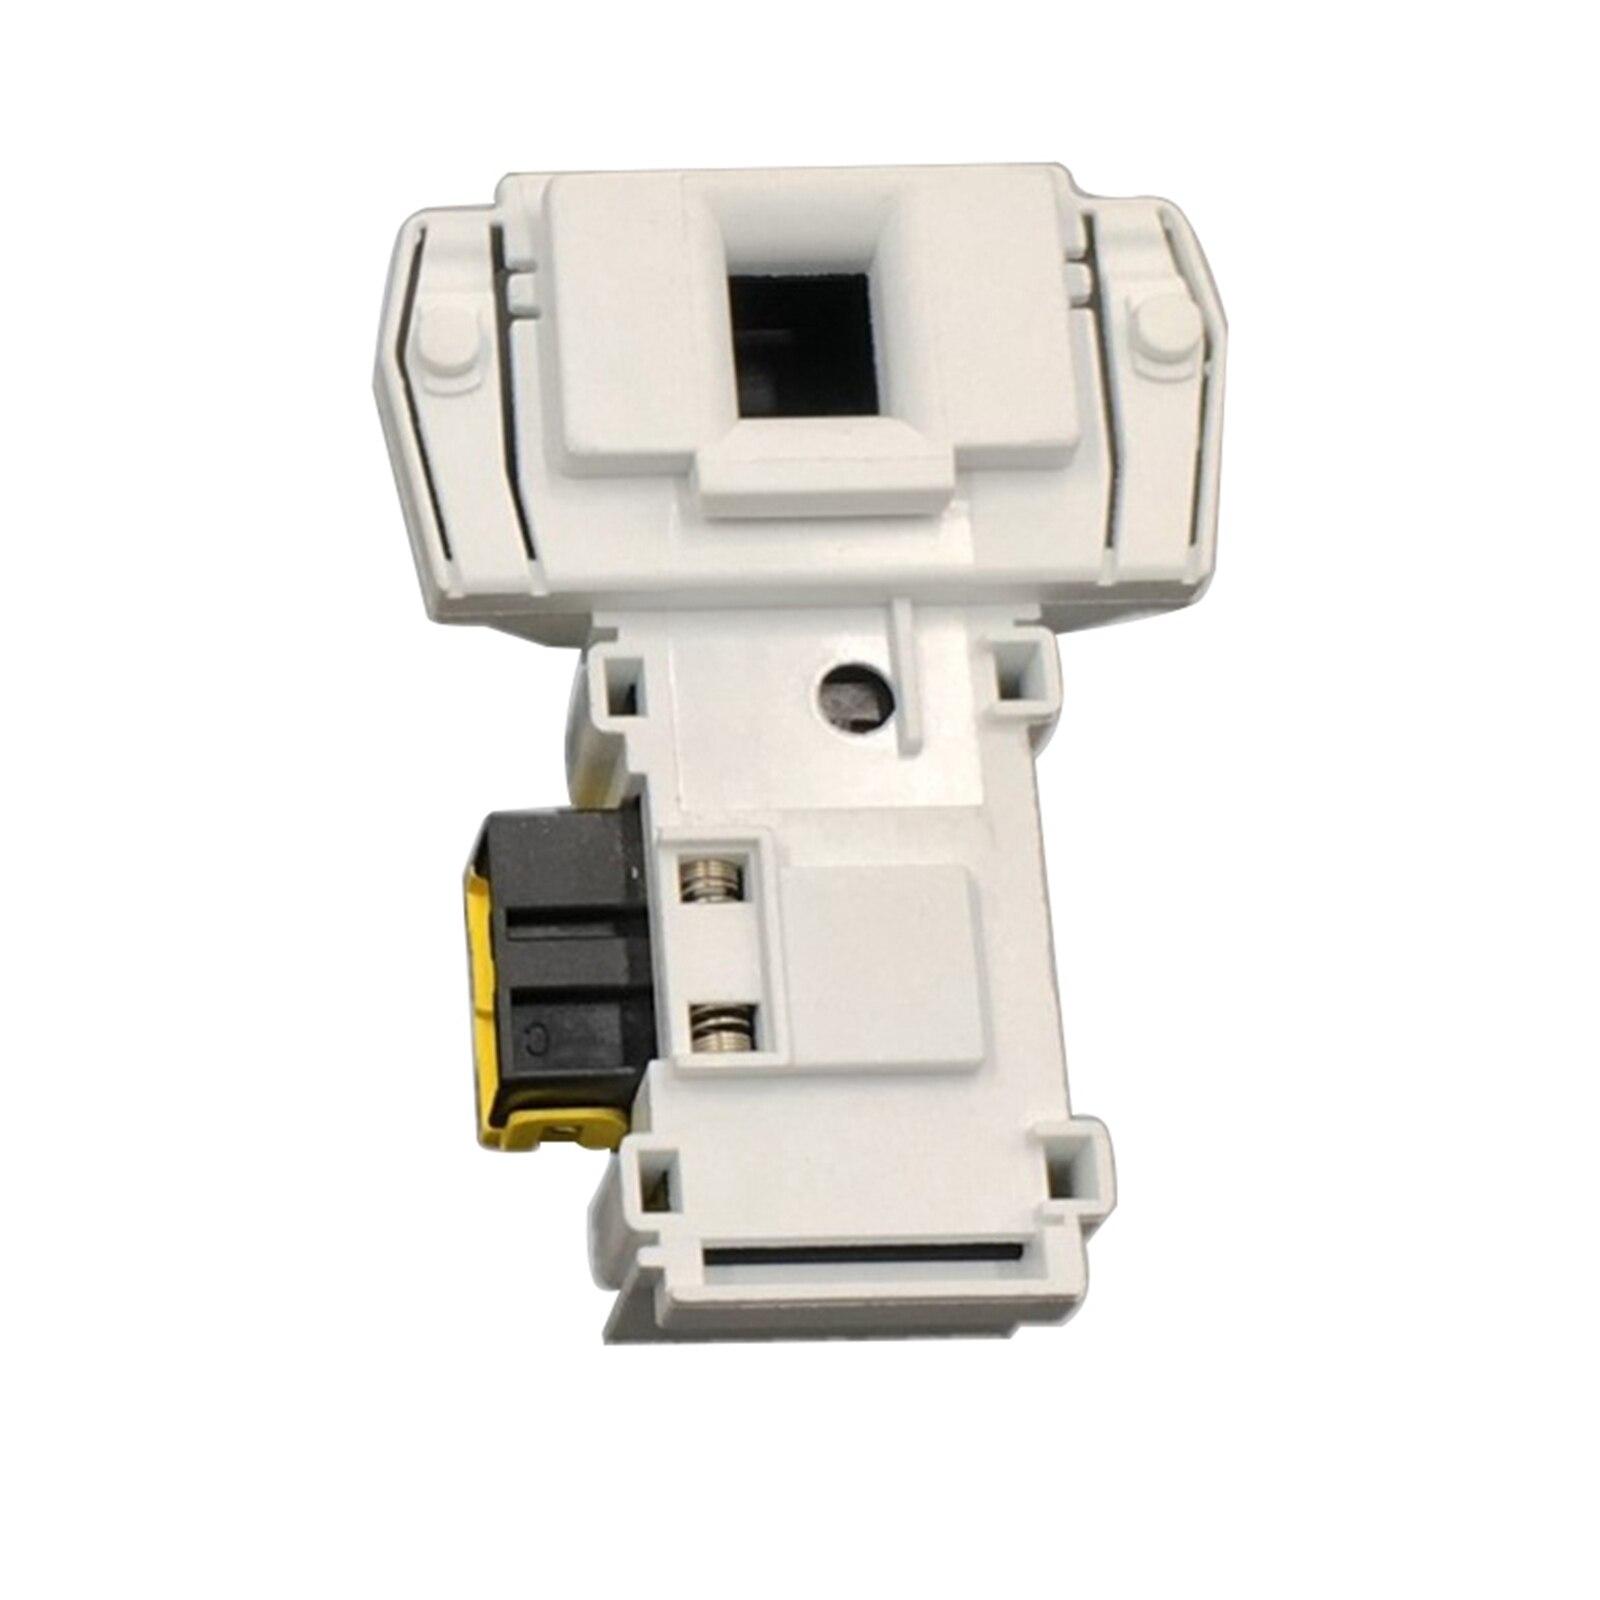 Washing Machine Door Lock Interlock Unit For G04 1060DS G04 DF 86 Delay Switch DM053 Washing Machine Spare Parts